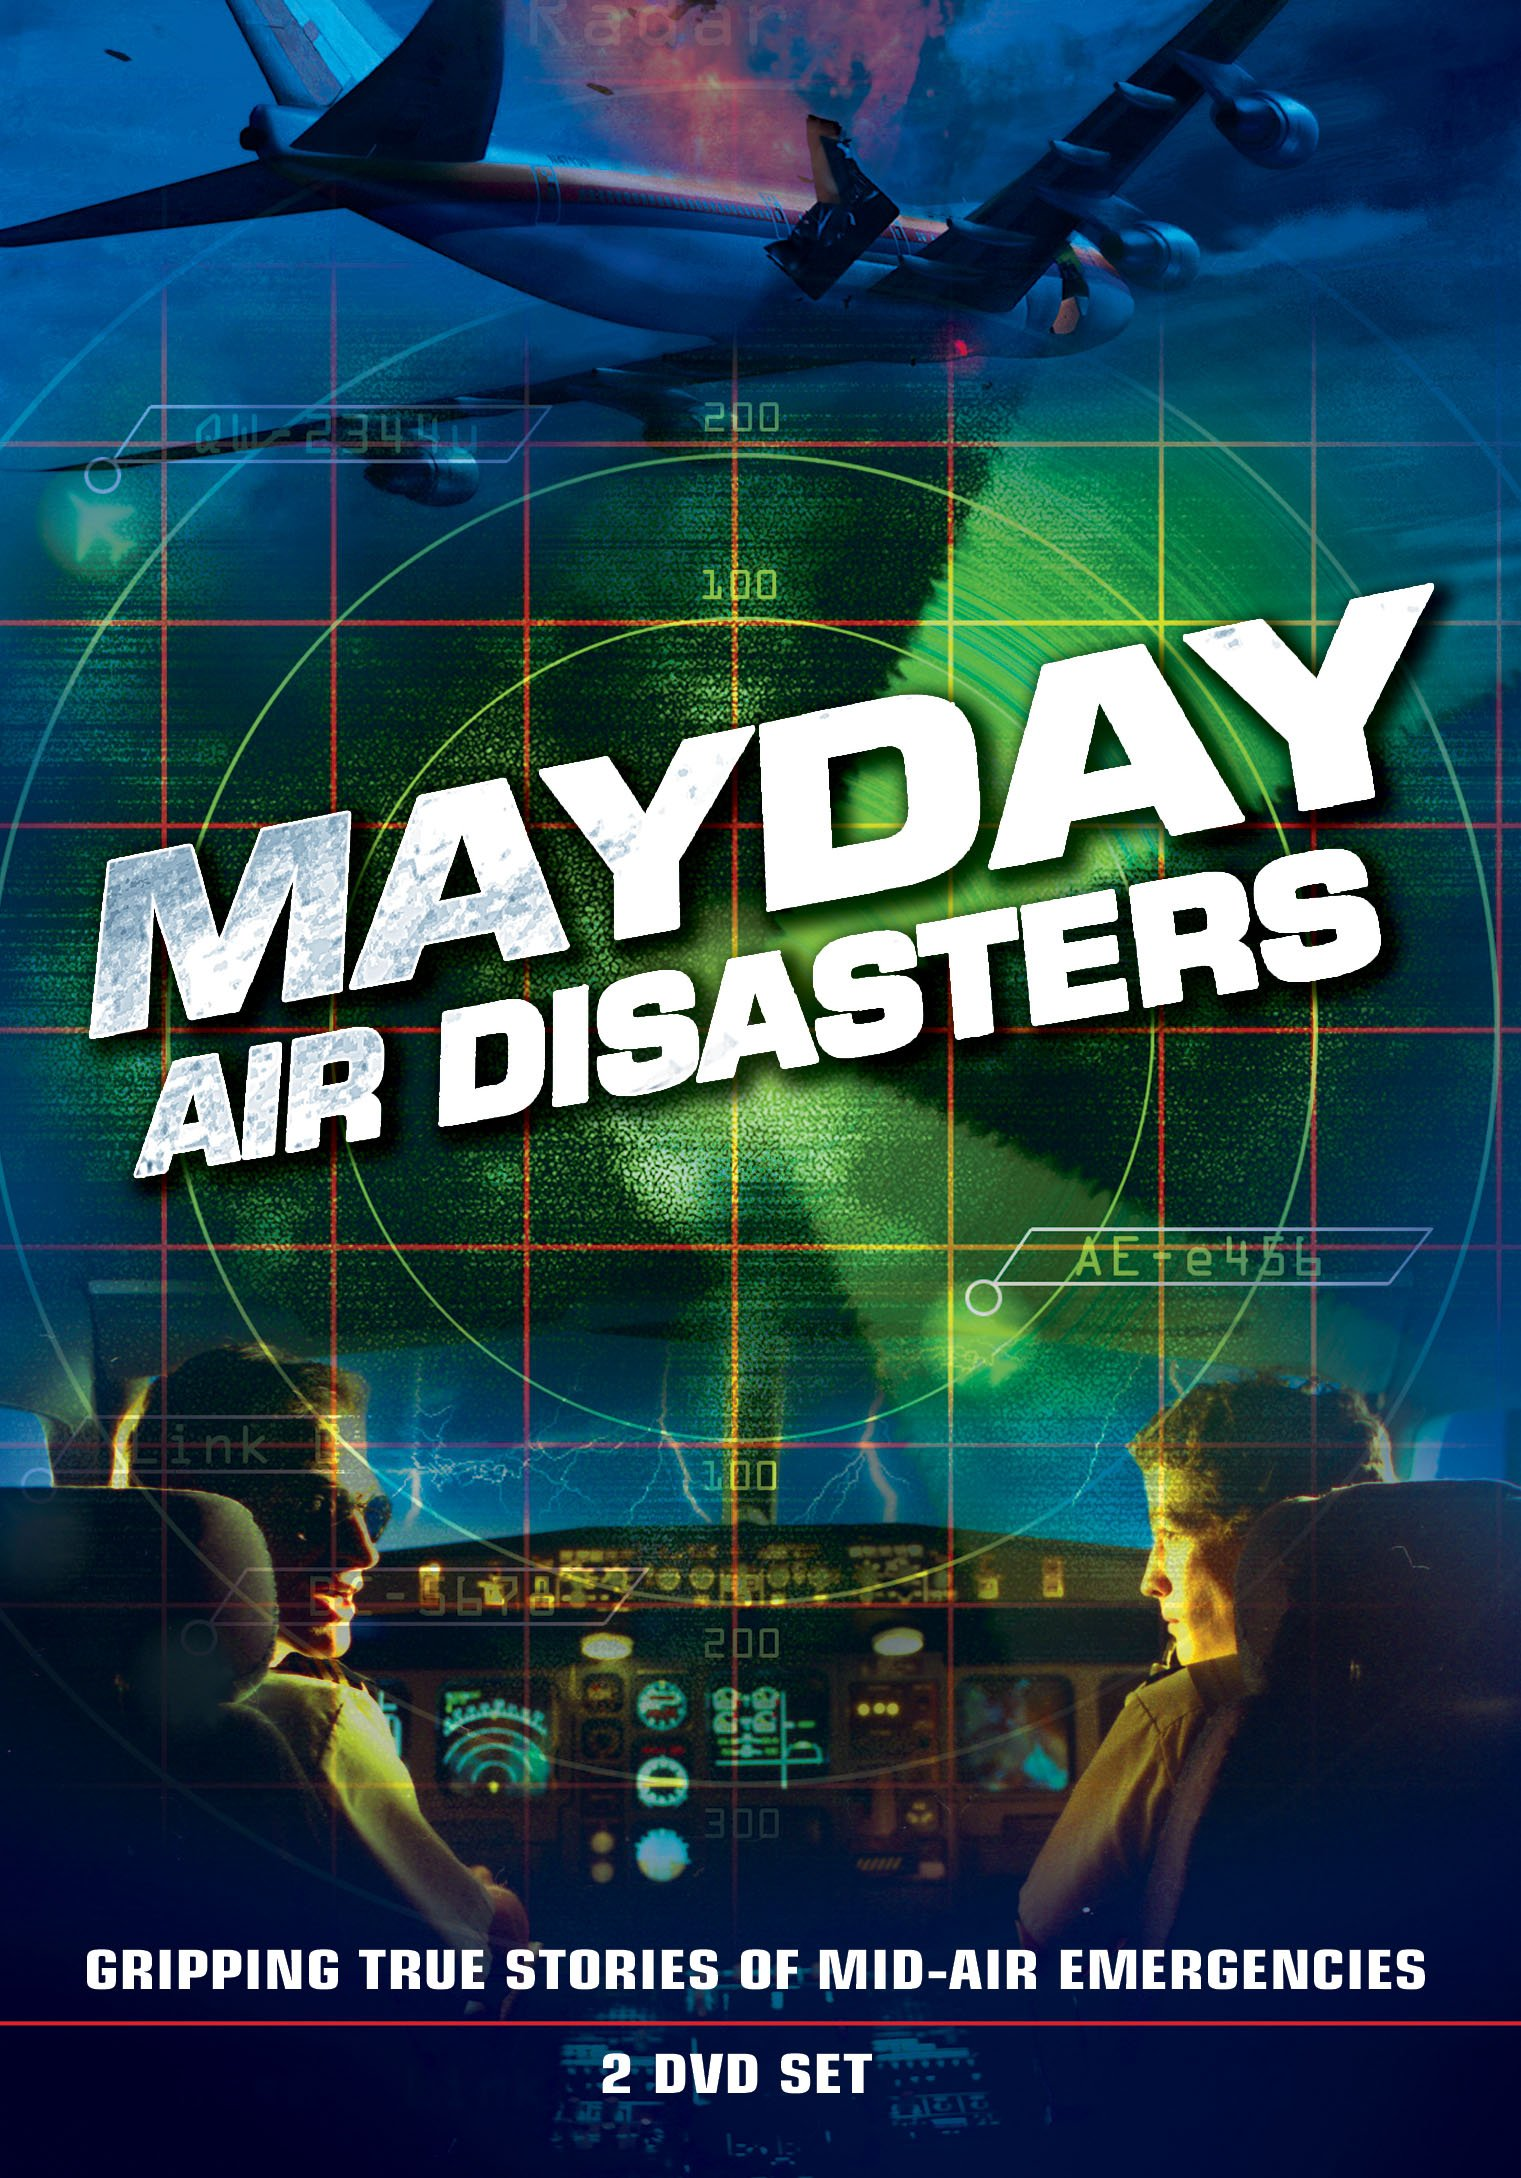 Mayday: Air Disasters